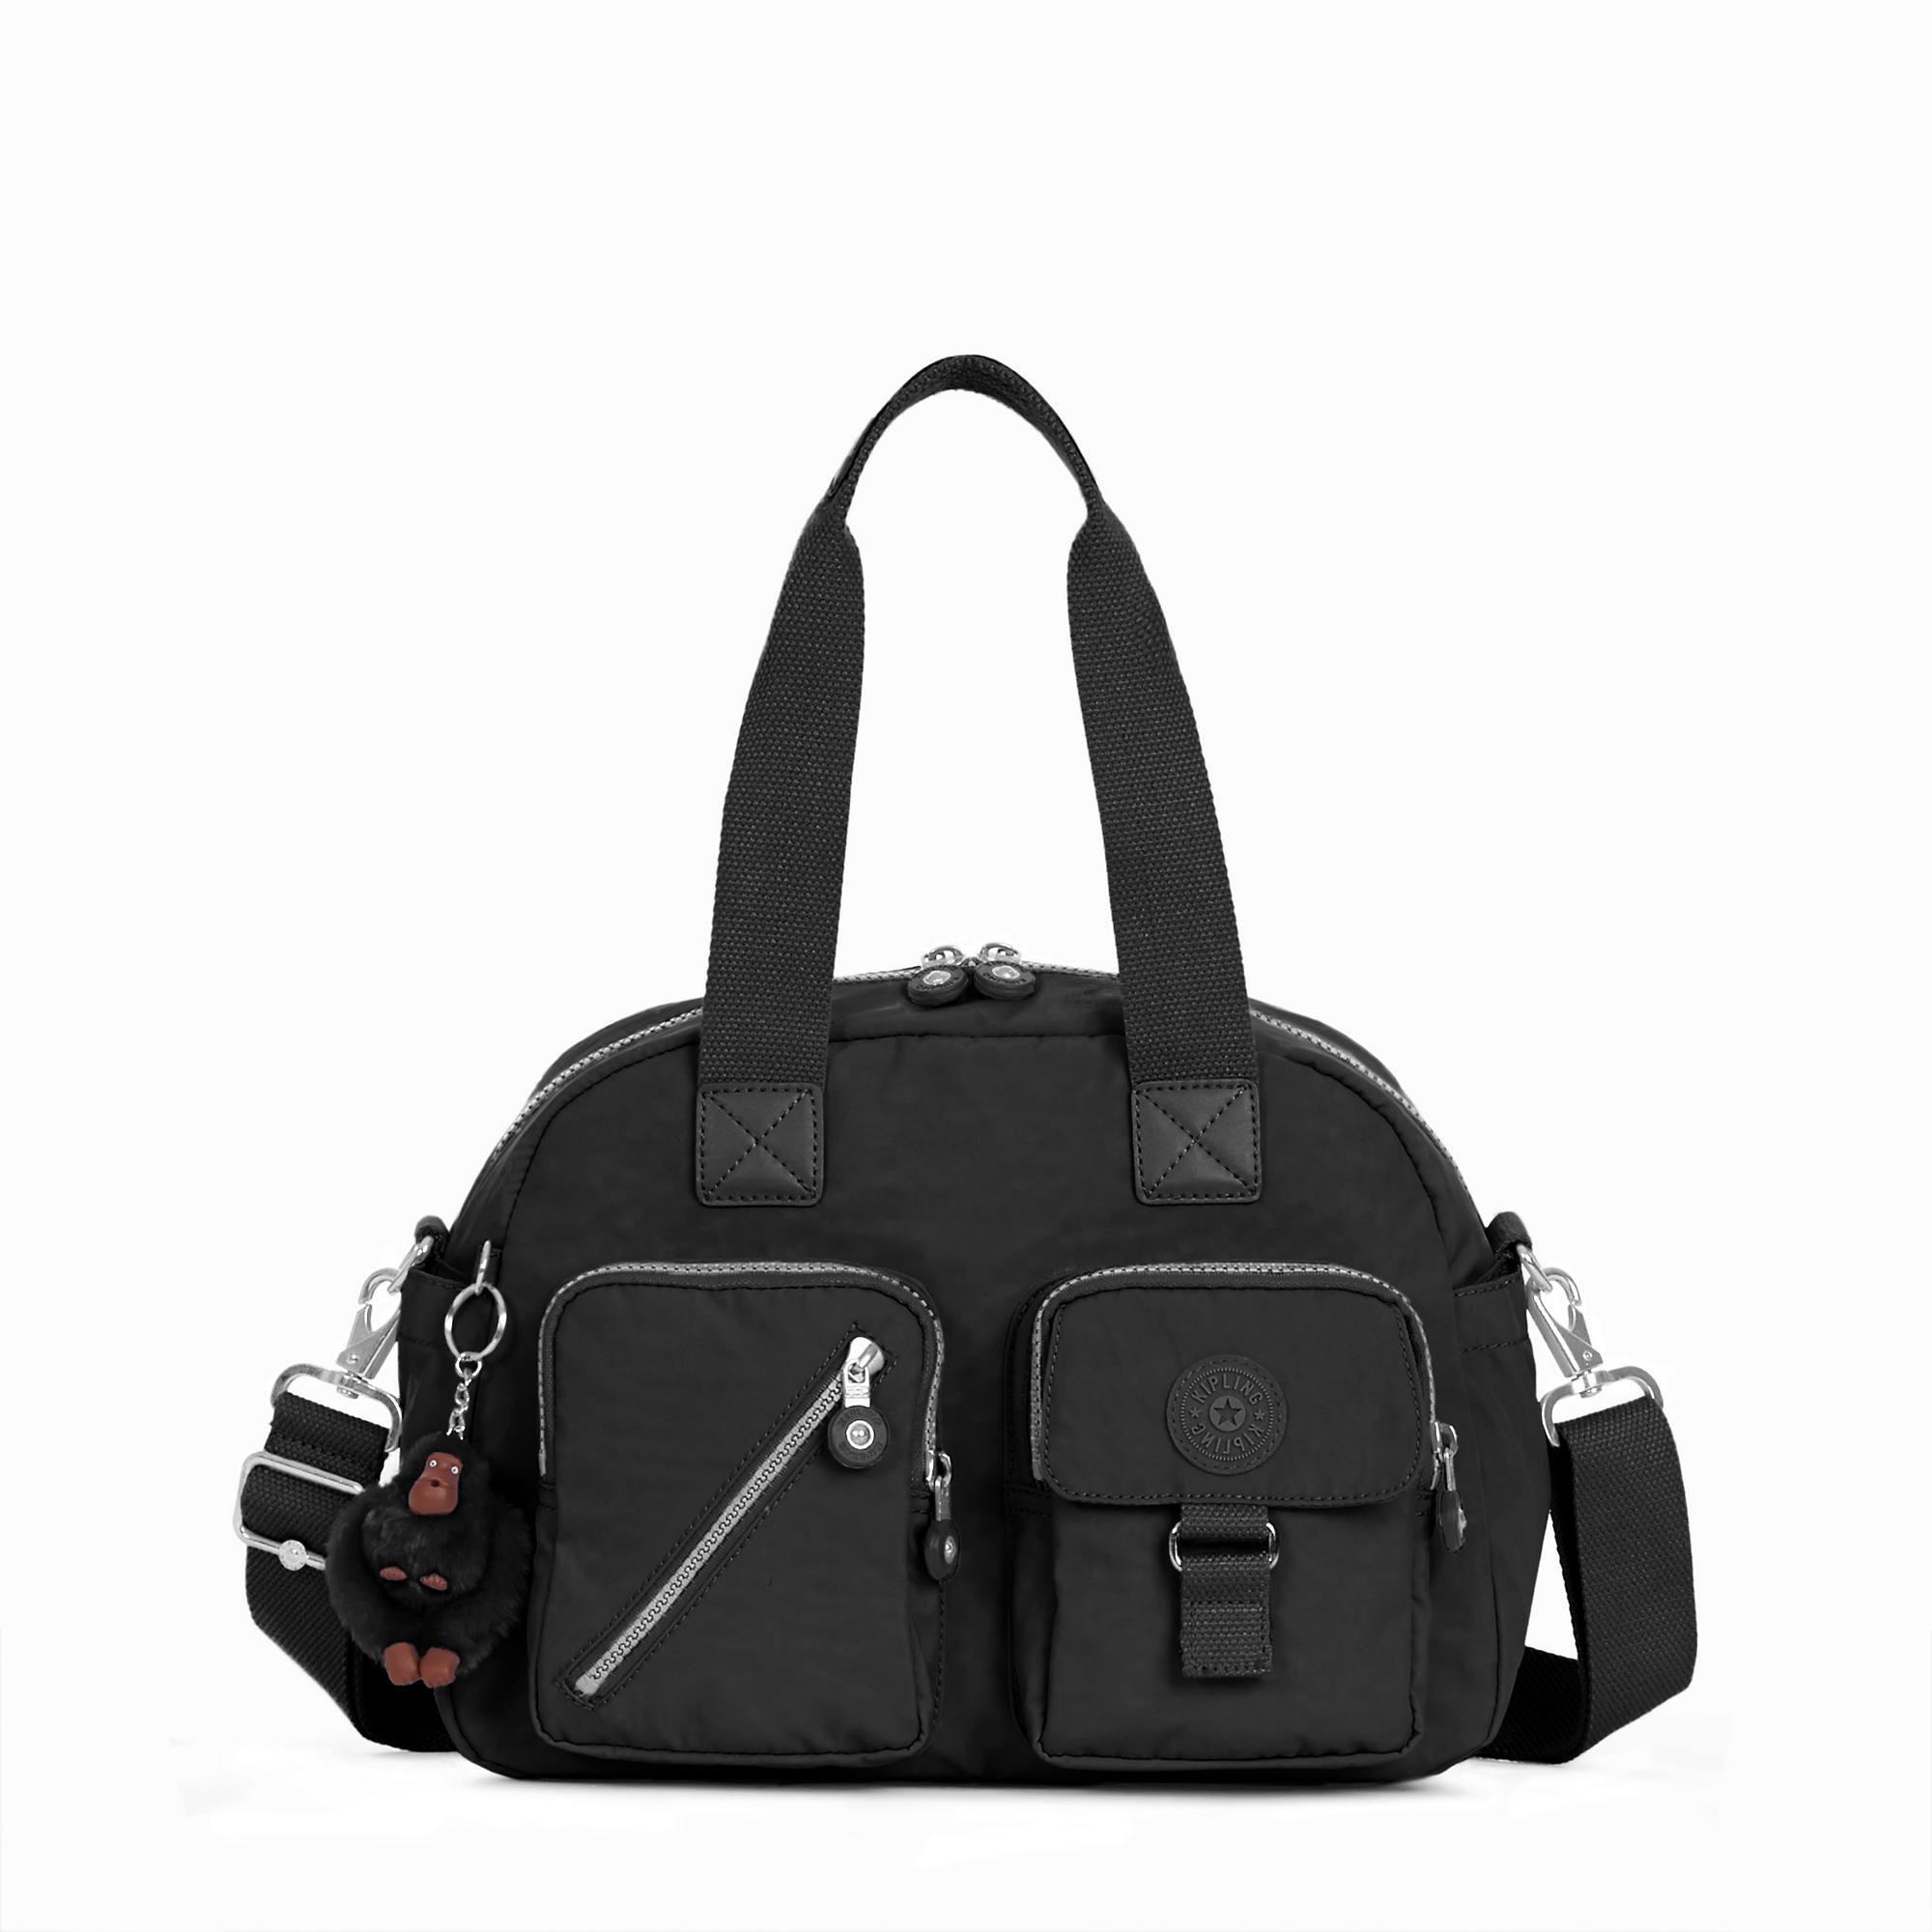 Kipling Hb3170 Defea Medium Crossbody Handbag Black